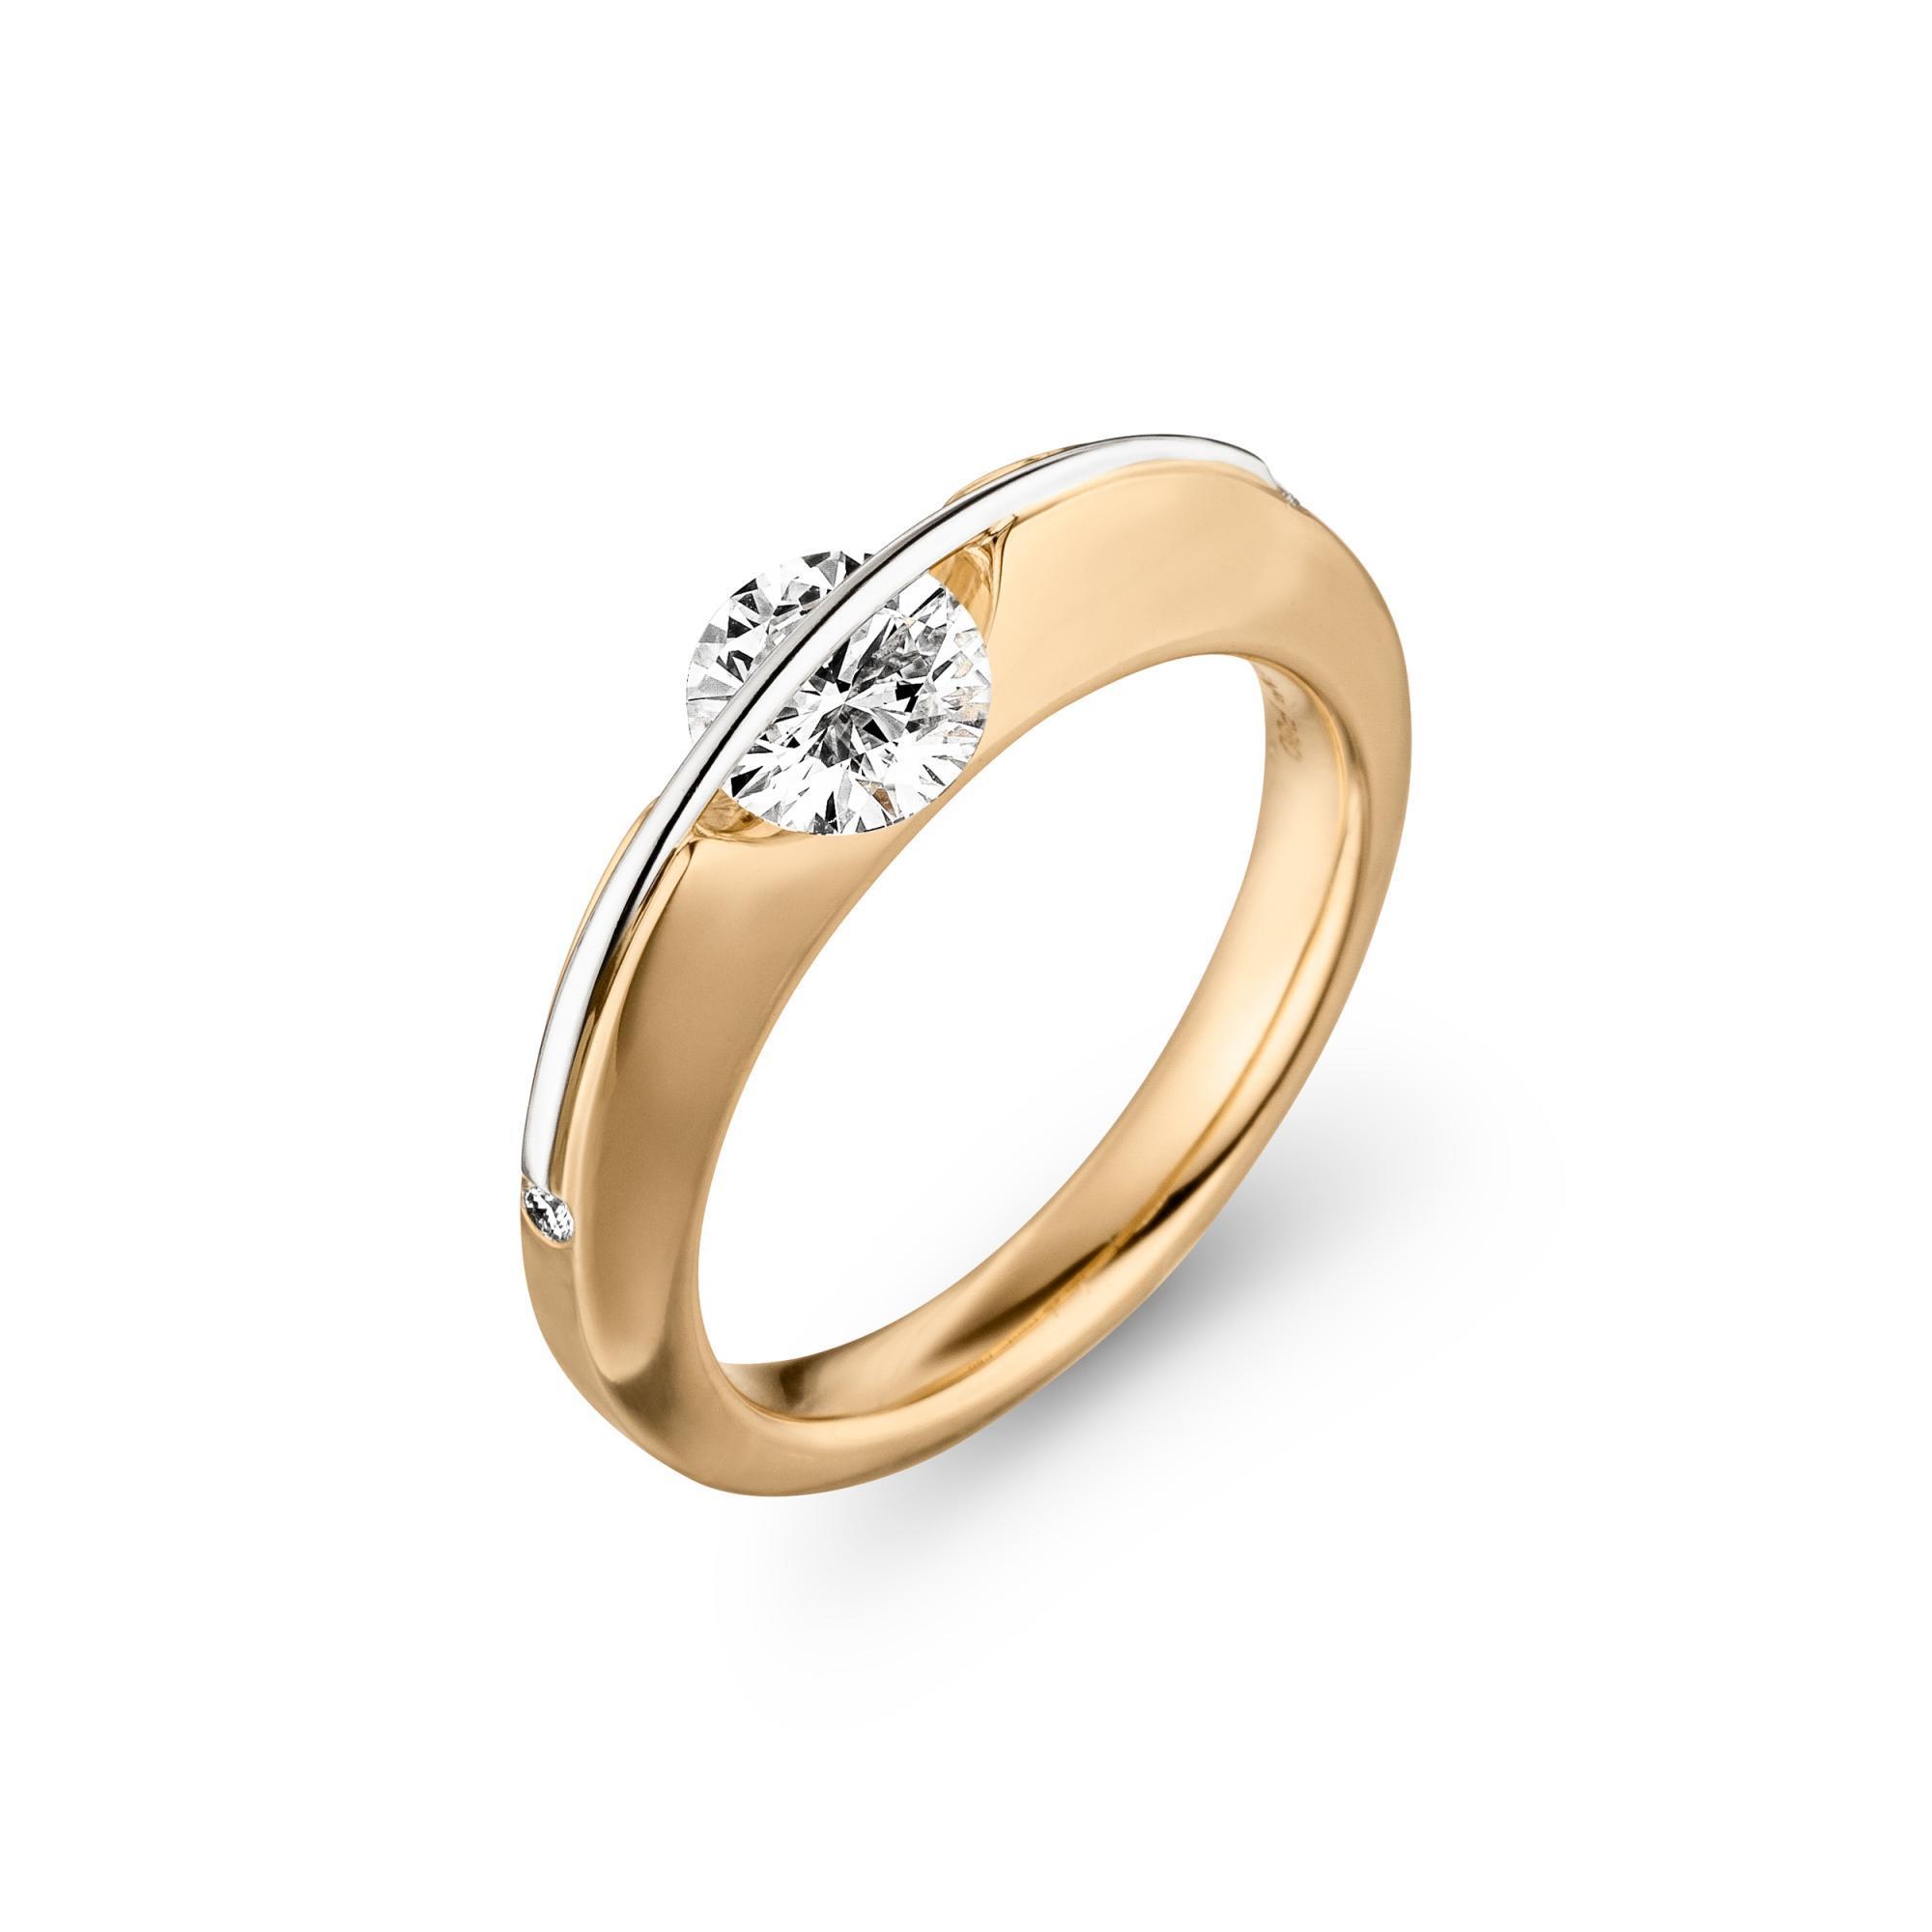 Diamant Ring Juwelier Krebber Mönchengladbach Diamantschmuck